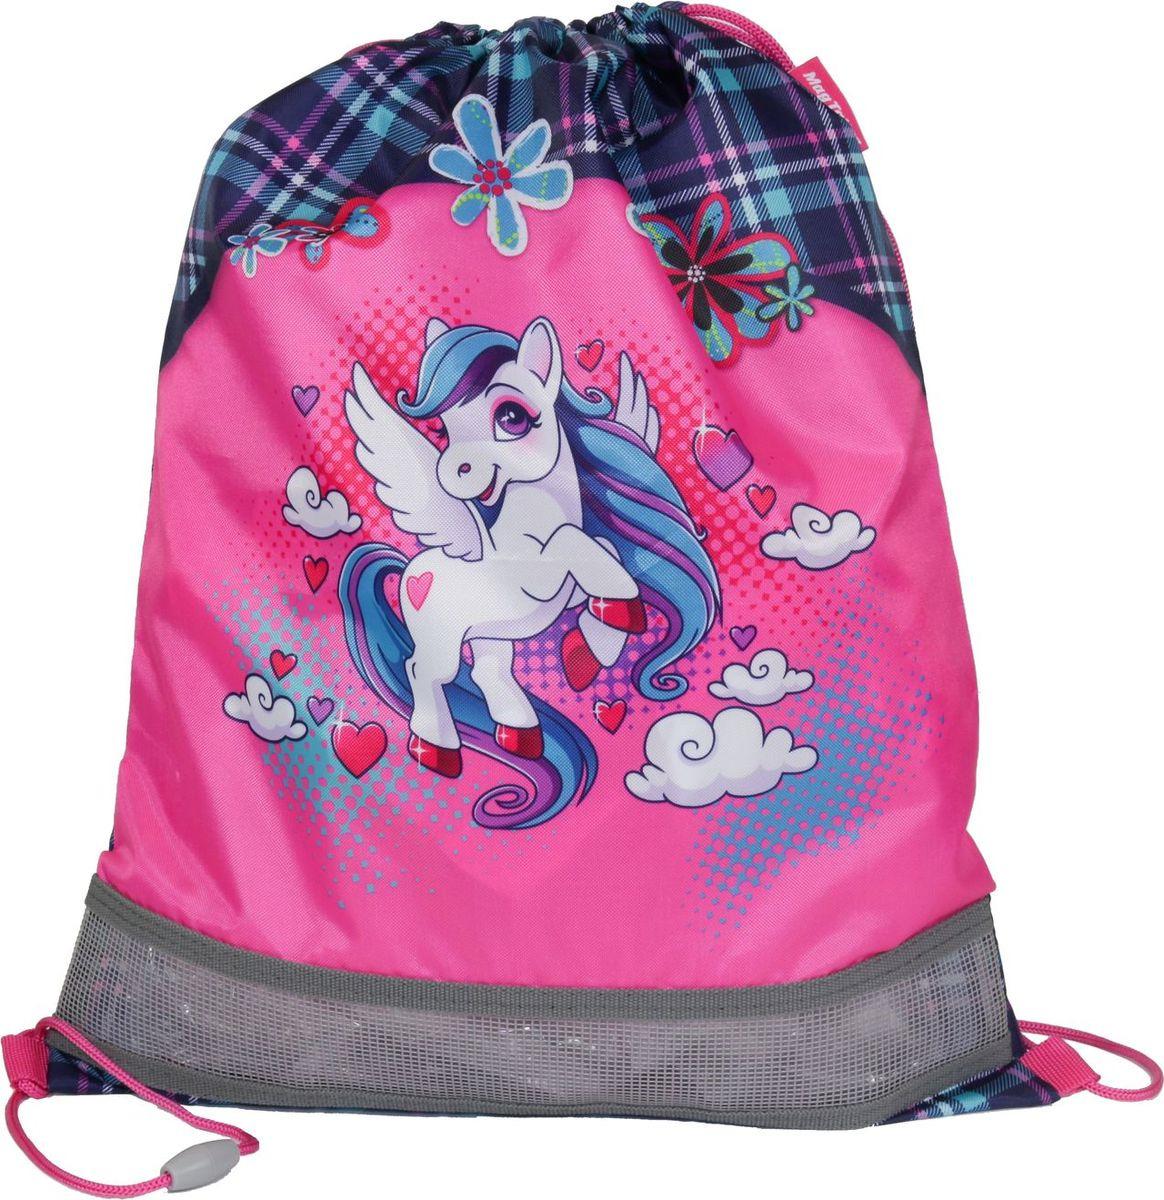 Сумка для сменной обуви и одежды MagTaller Evo Unicorn, 31816-02, розовый, голубой, 34 х 46 см цена в Москве и Питере